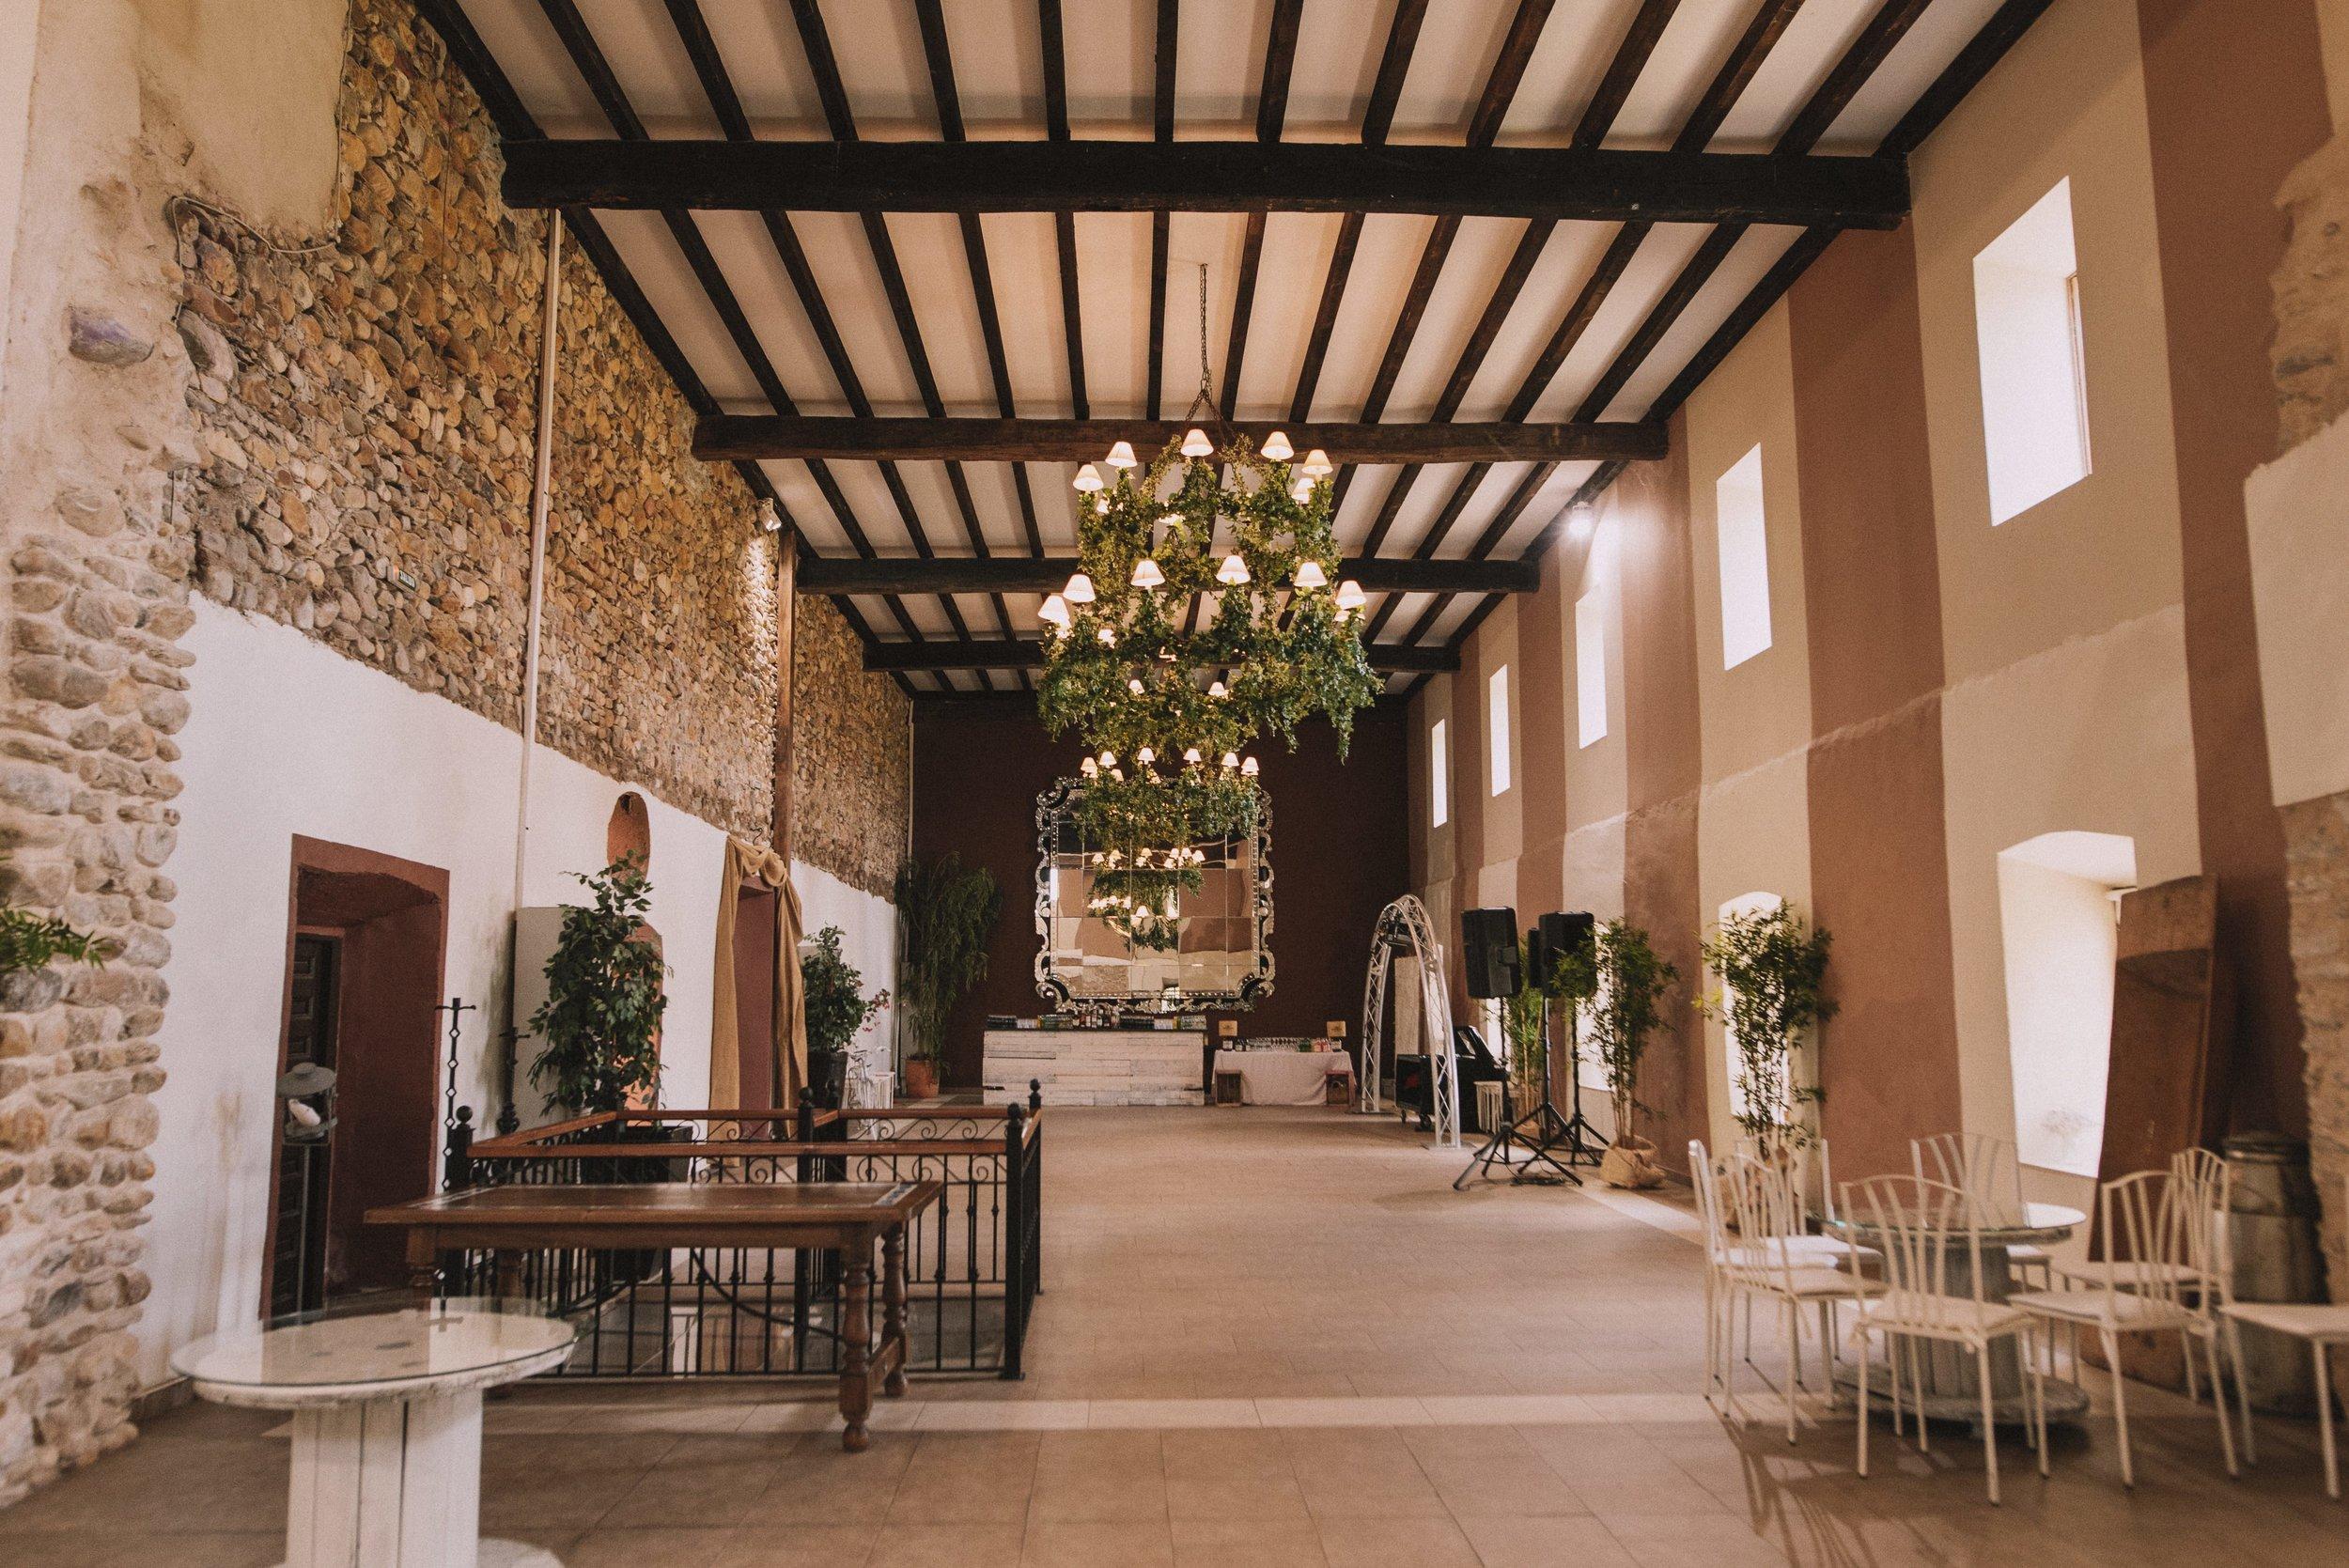 boda-finca-casa-oficios-cyc-0026.jpg